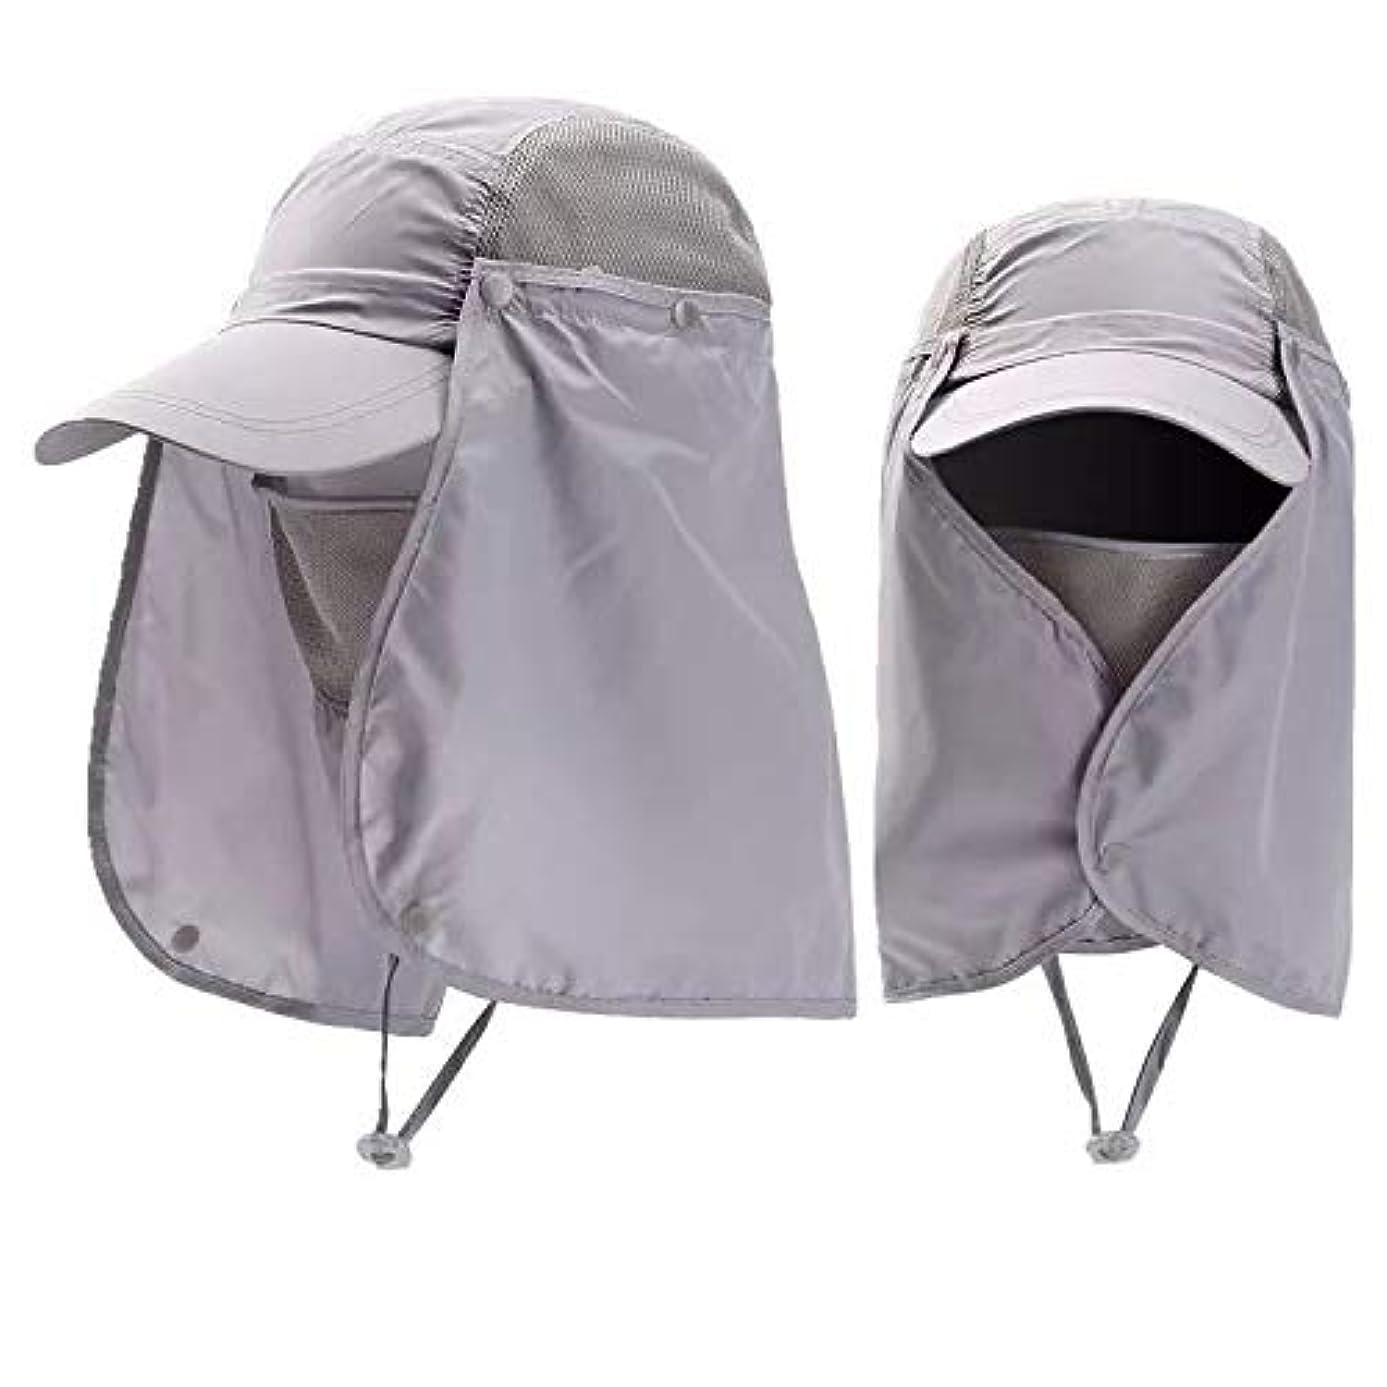 休暇靴下シェアGXM 折りたたみ式日よけ帽 360° UV保護マスク メンズ ハイキング アウトドア